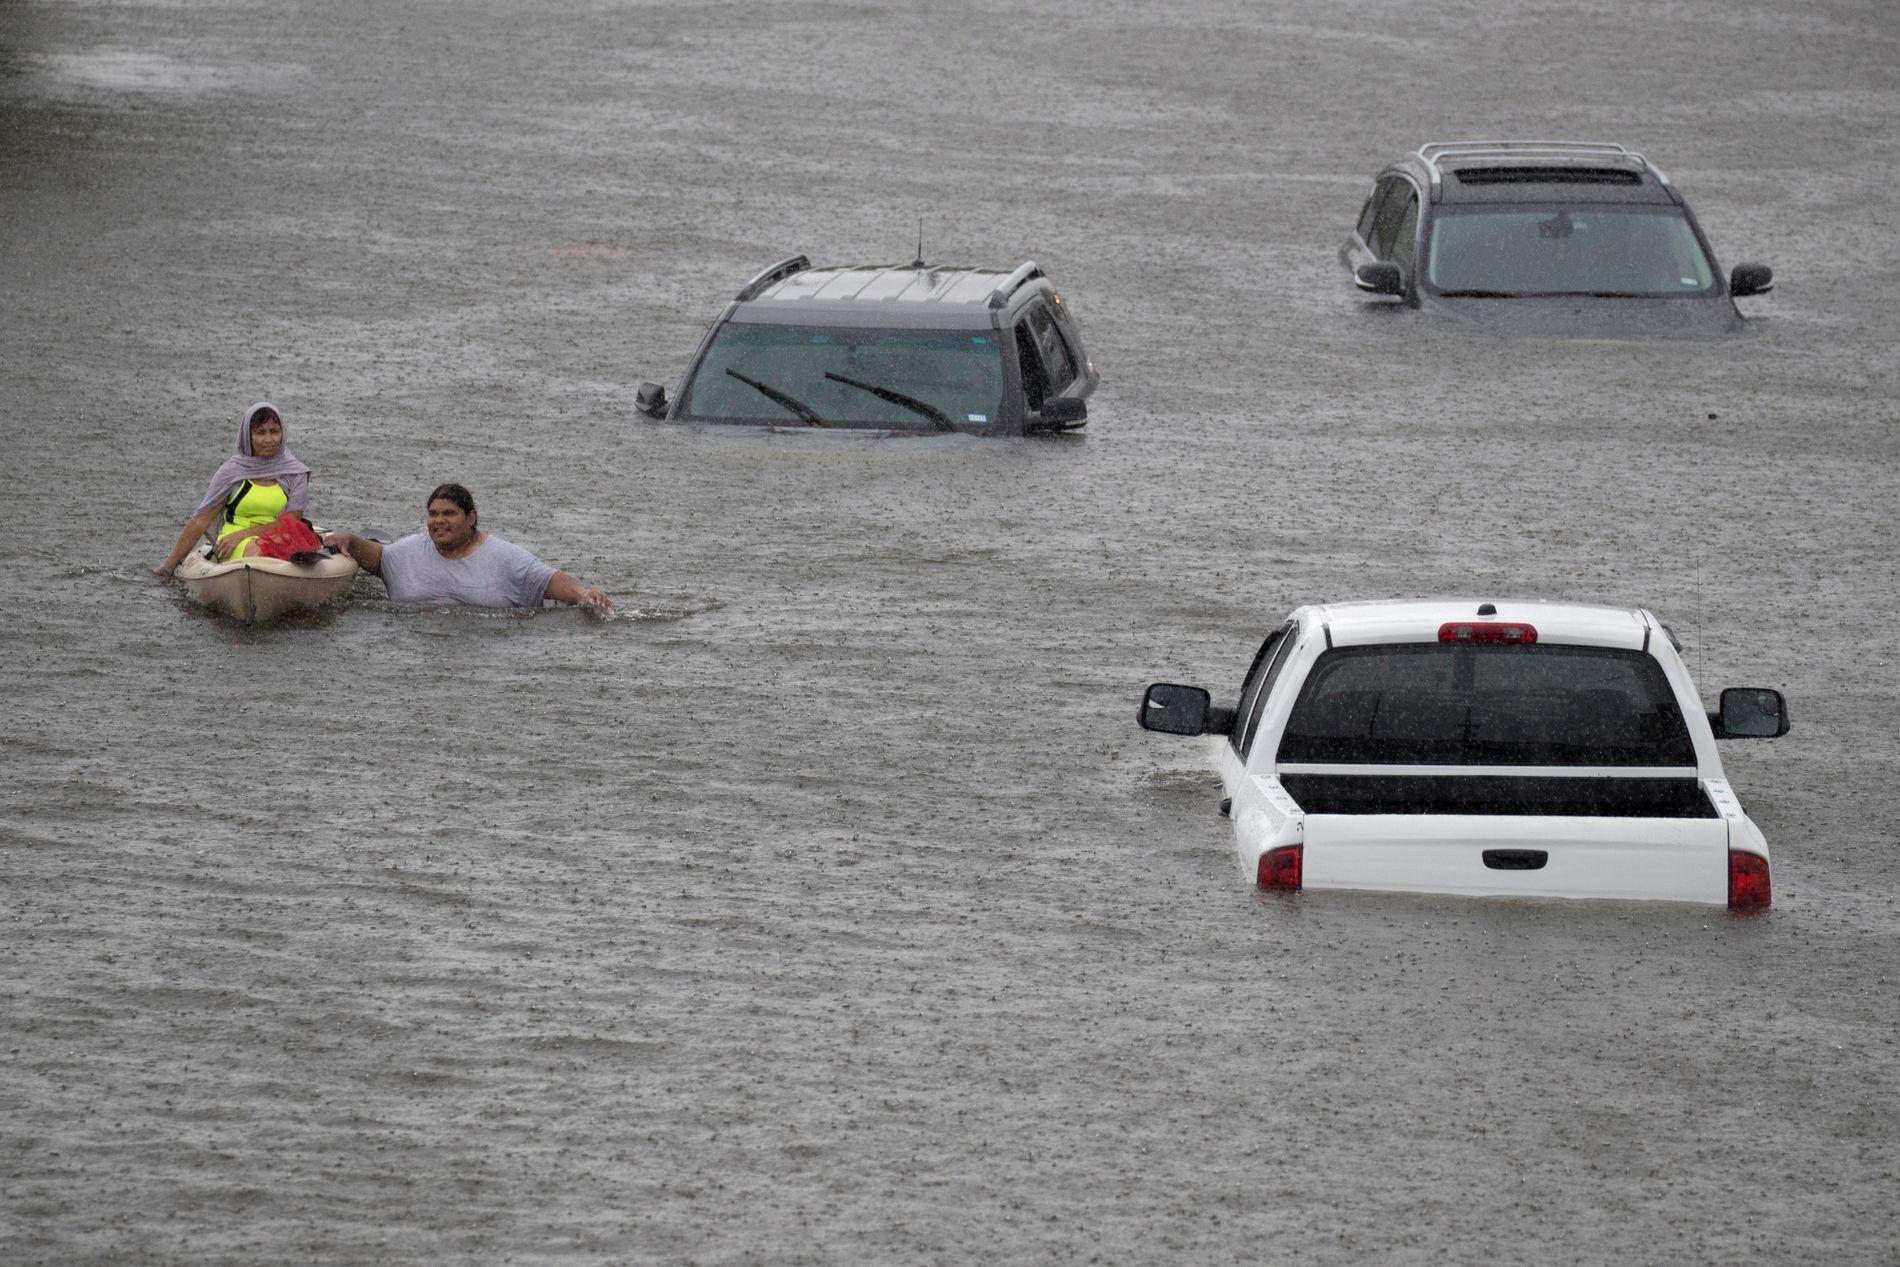 TEXAS I GATENE: Houston fikk hard medfart under orkanen Harvey i slutten av august. Her blir Gloria Garcia reddet av Jesus Rodriguez i de oversvømte gatene.